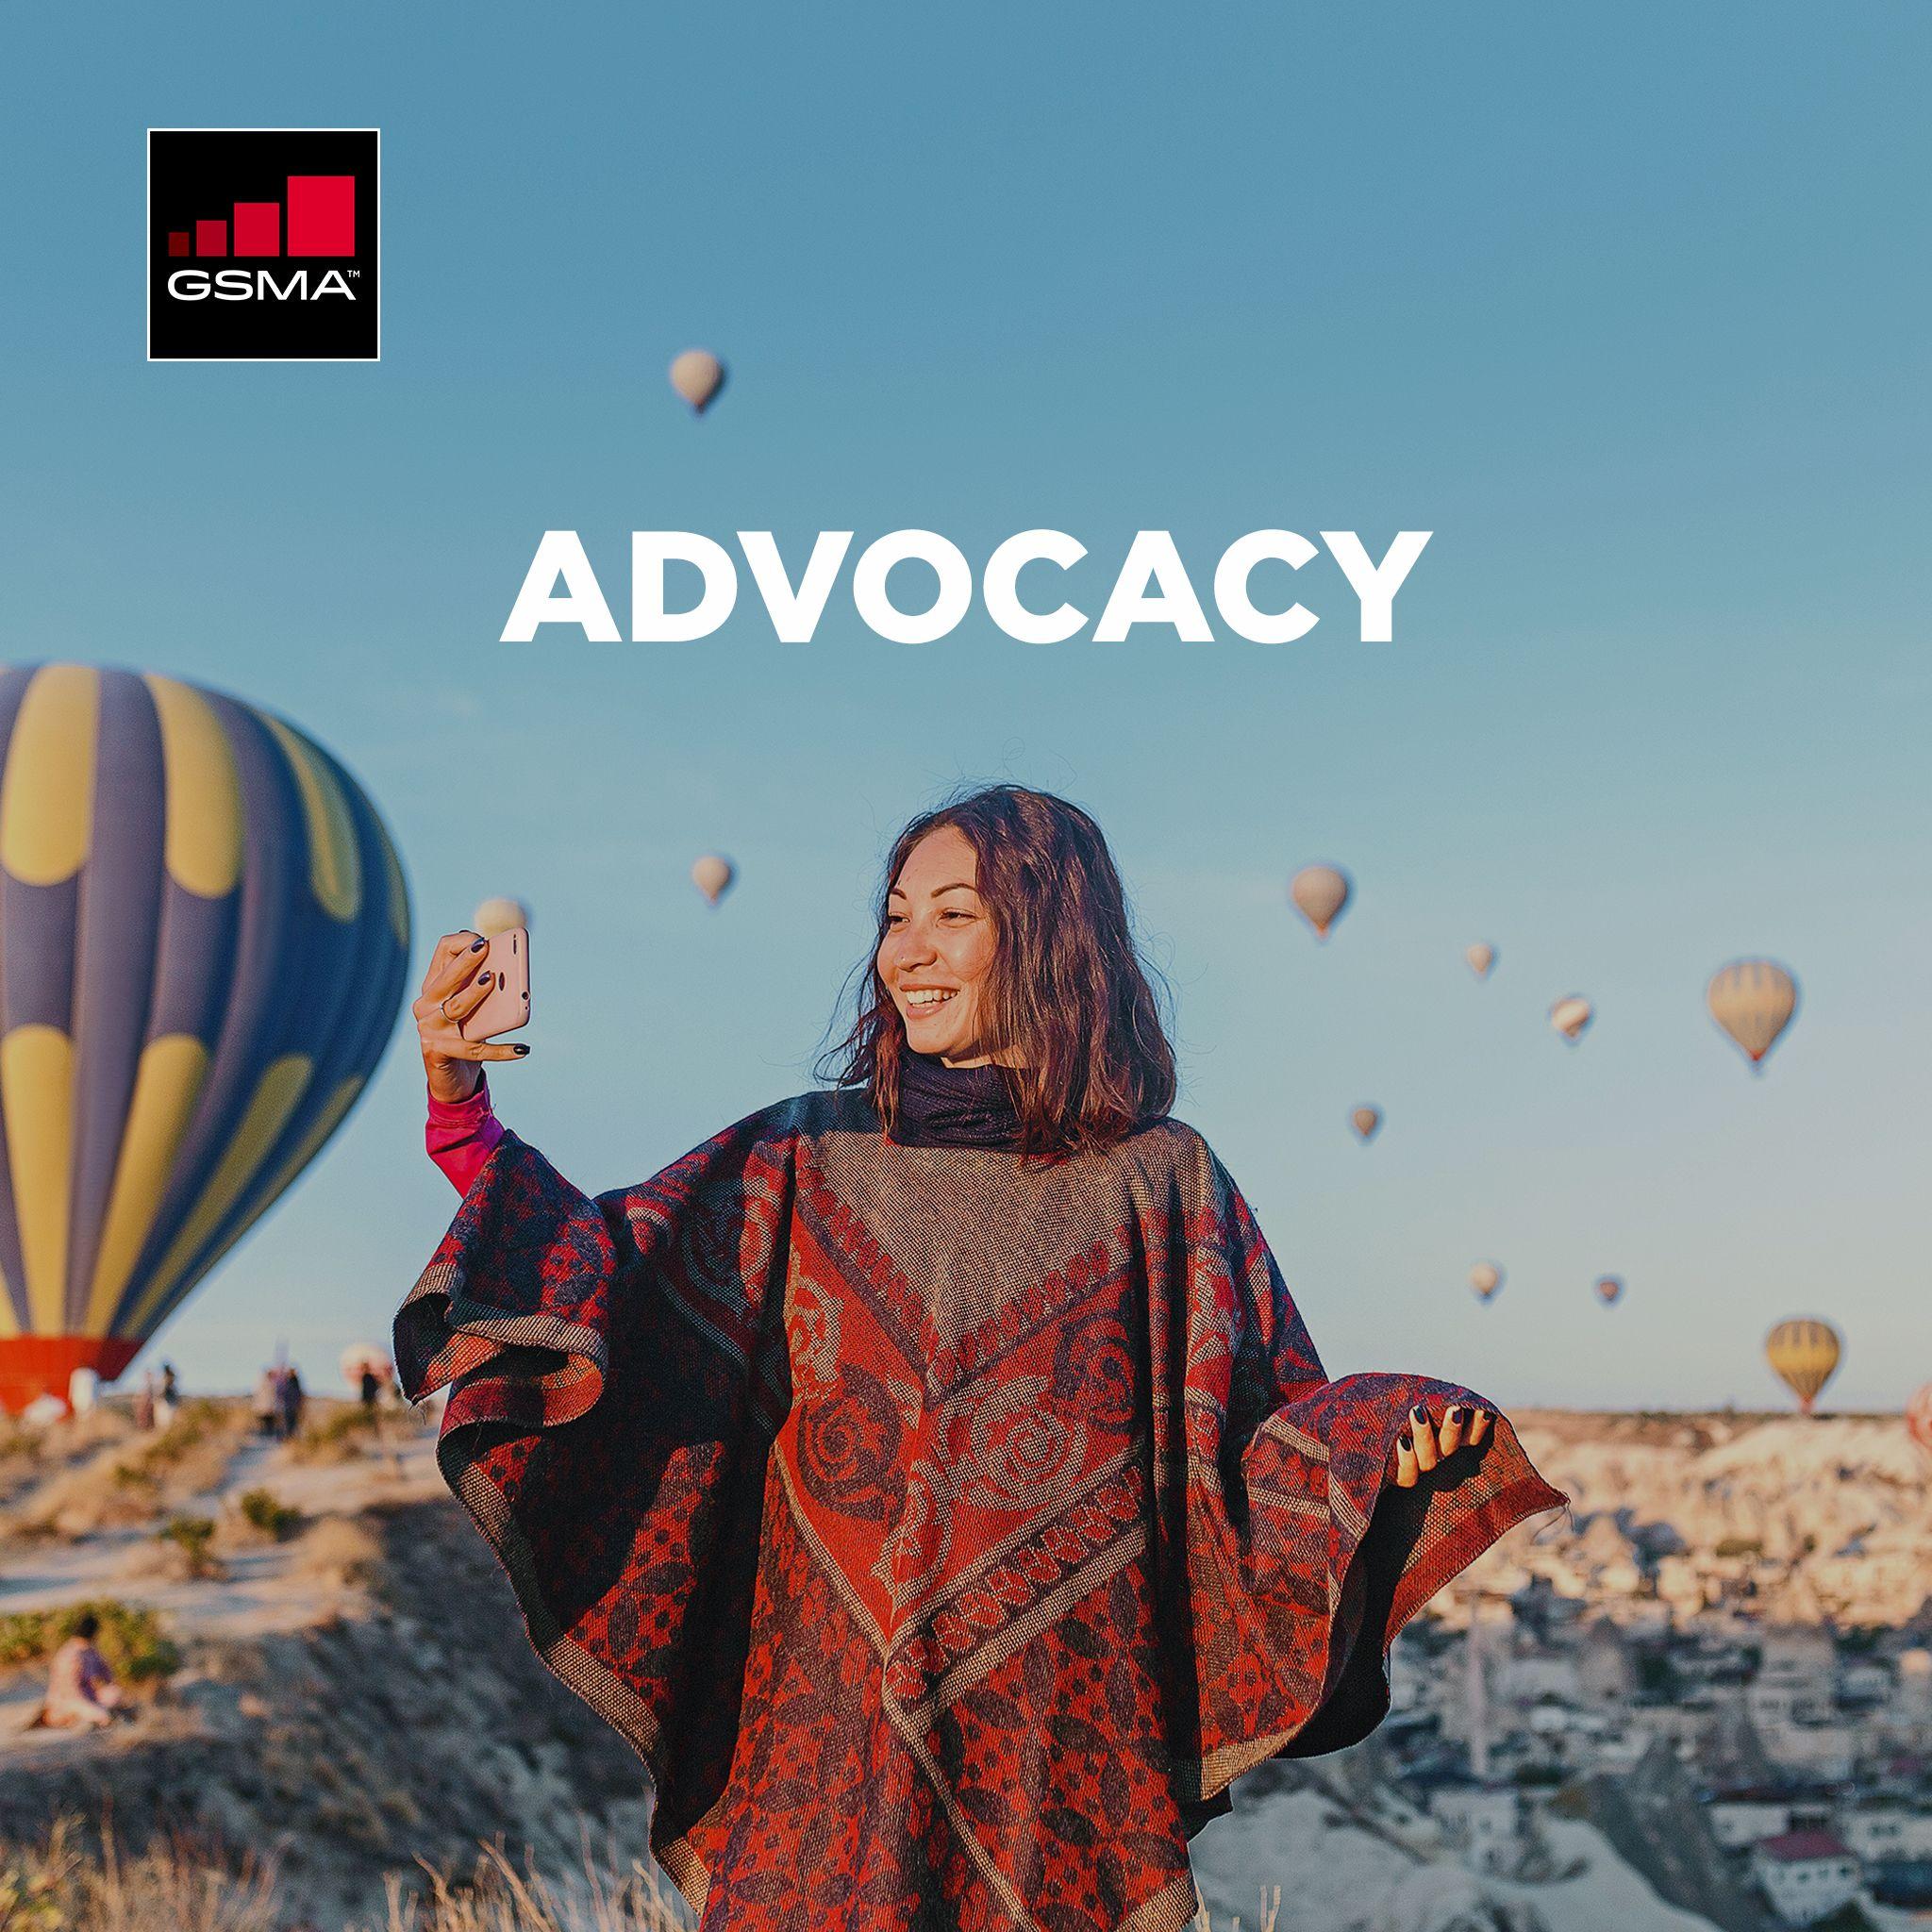 GSMA Advocacy